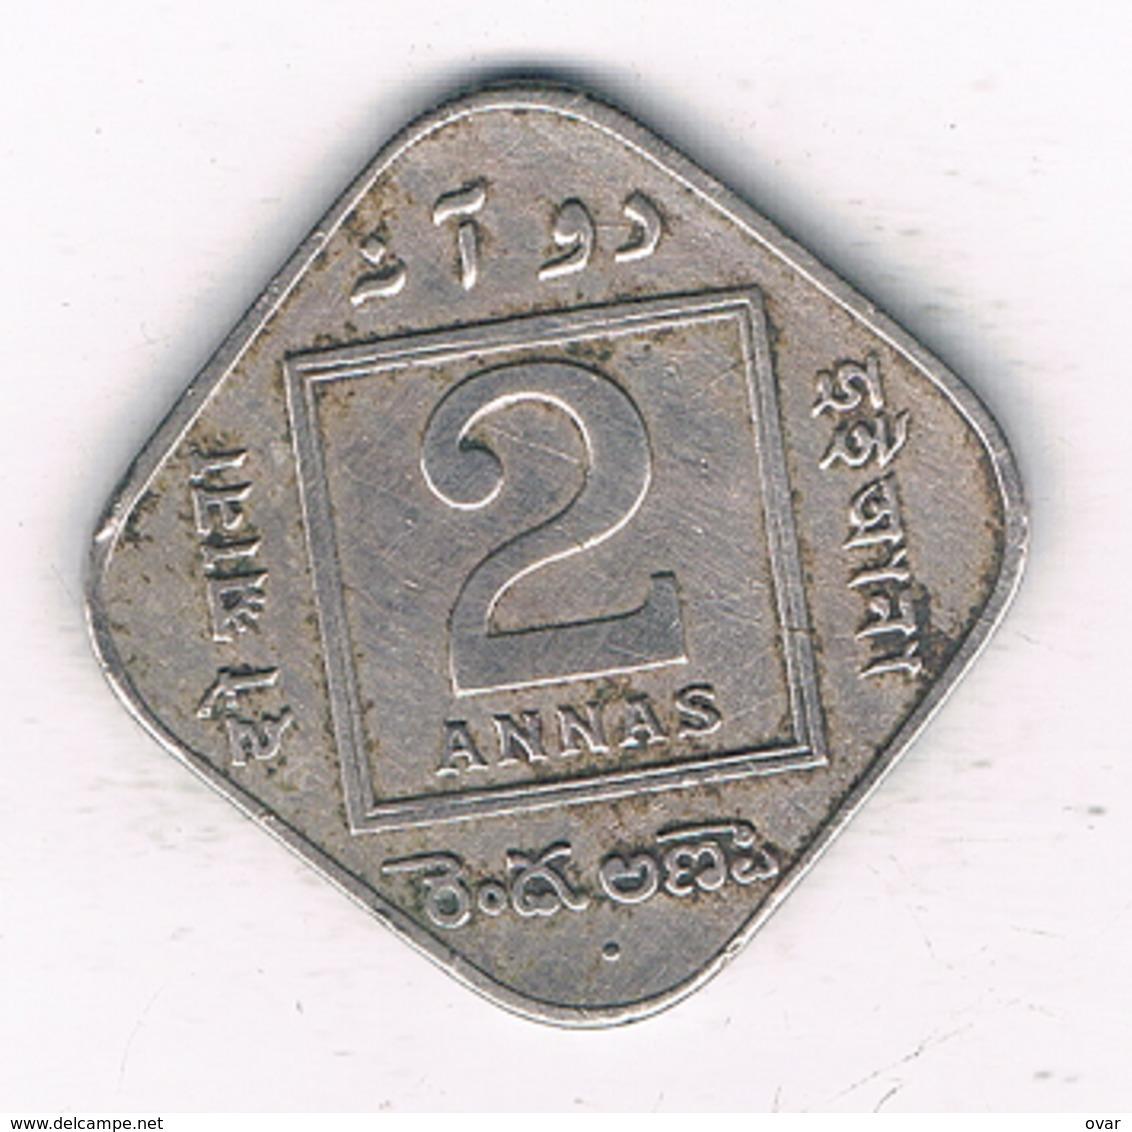 2 ANNAS 1936  INDIA/2088/ - Indien